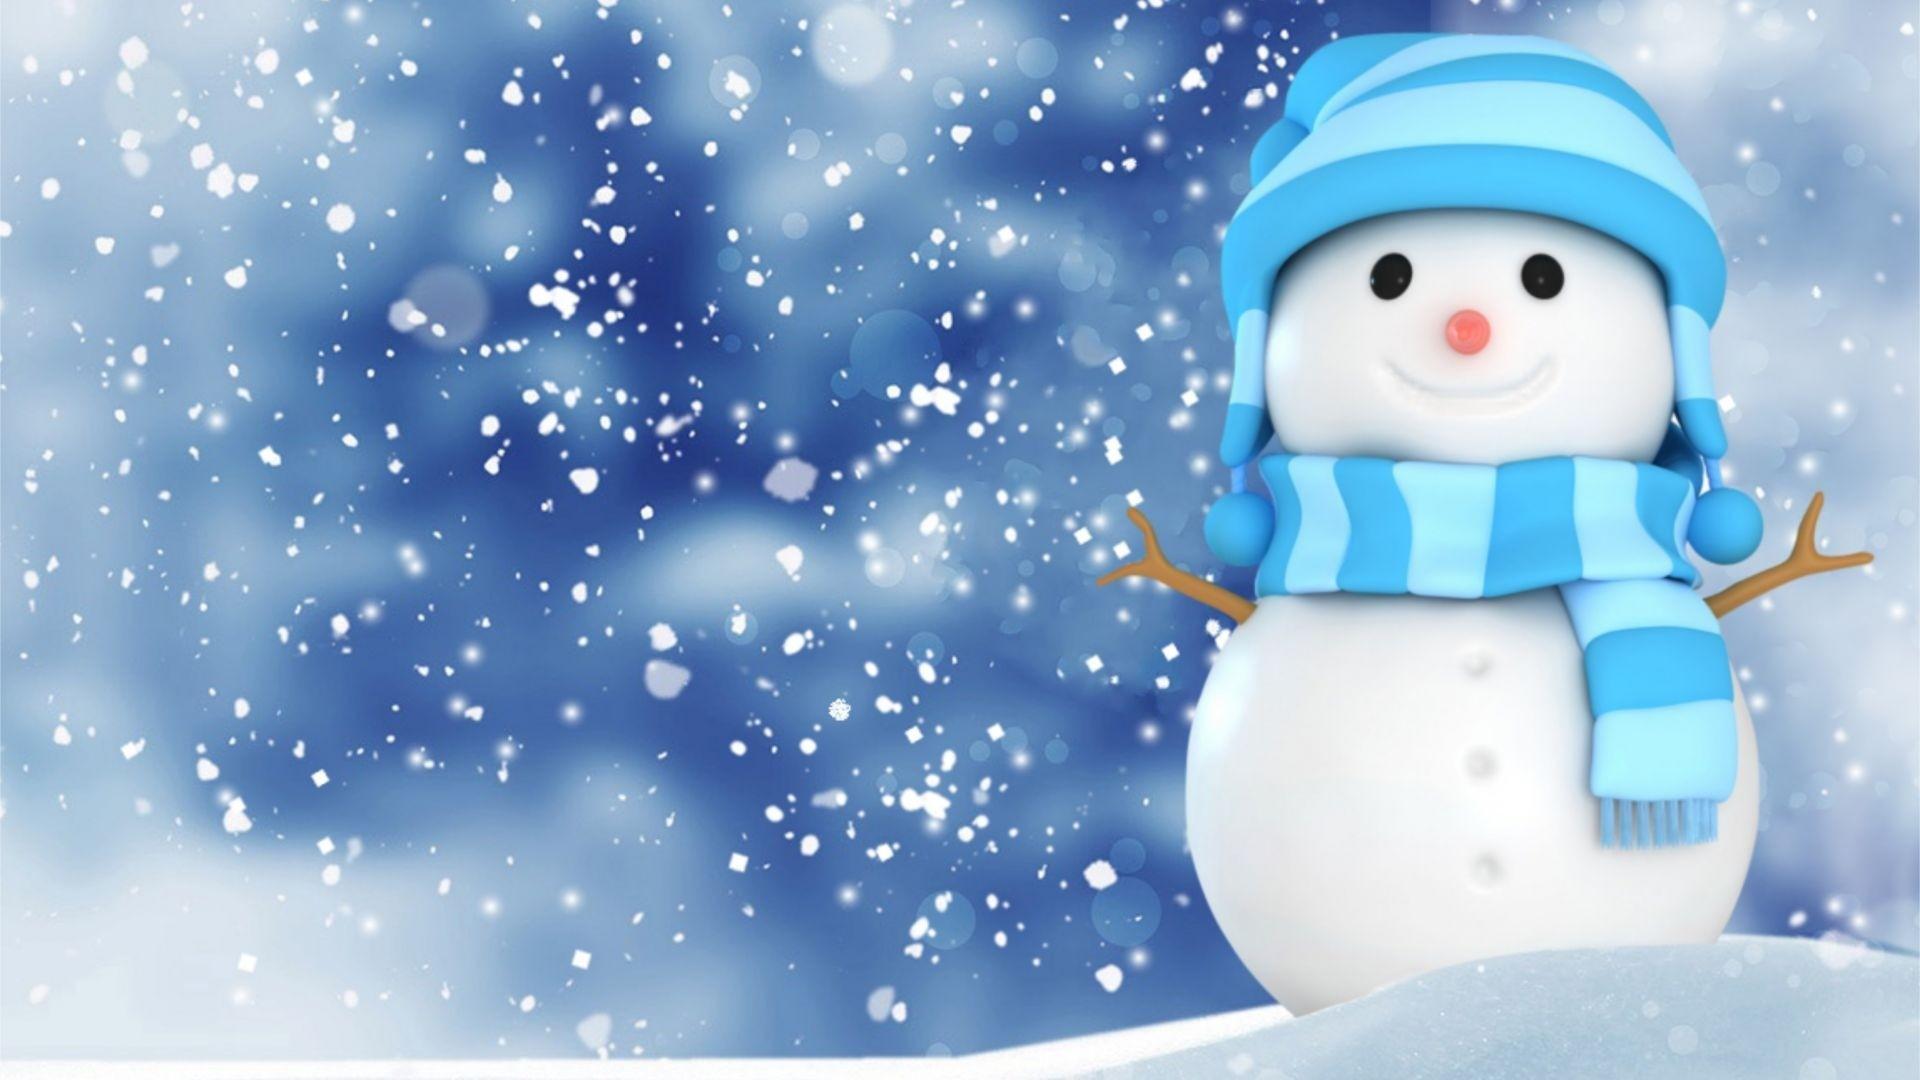 Snowman PC Wallpaper